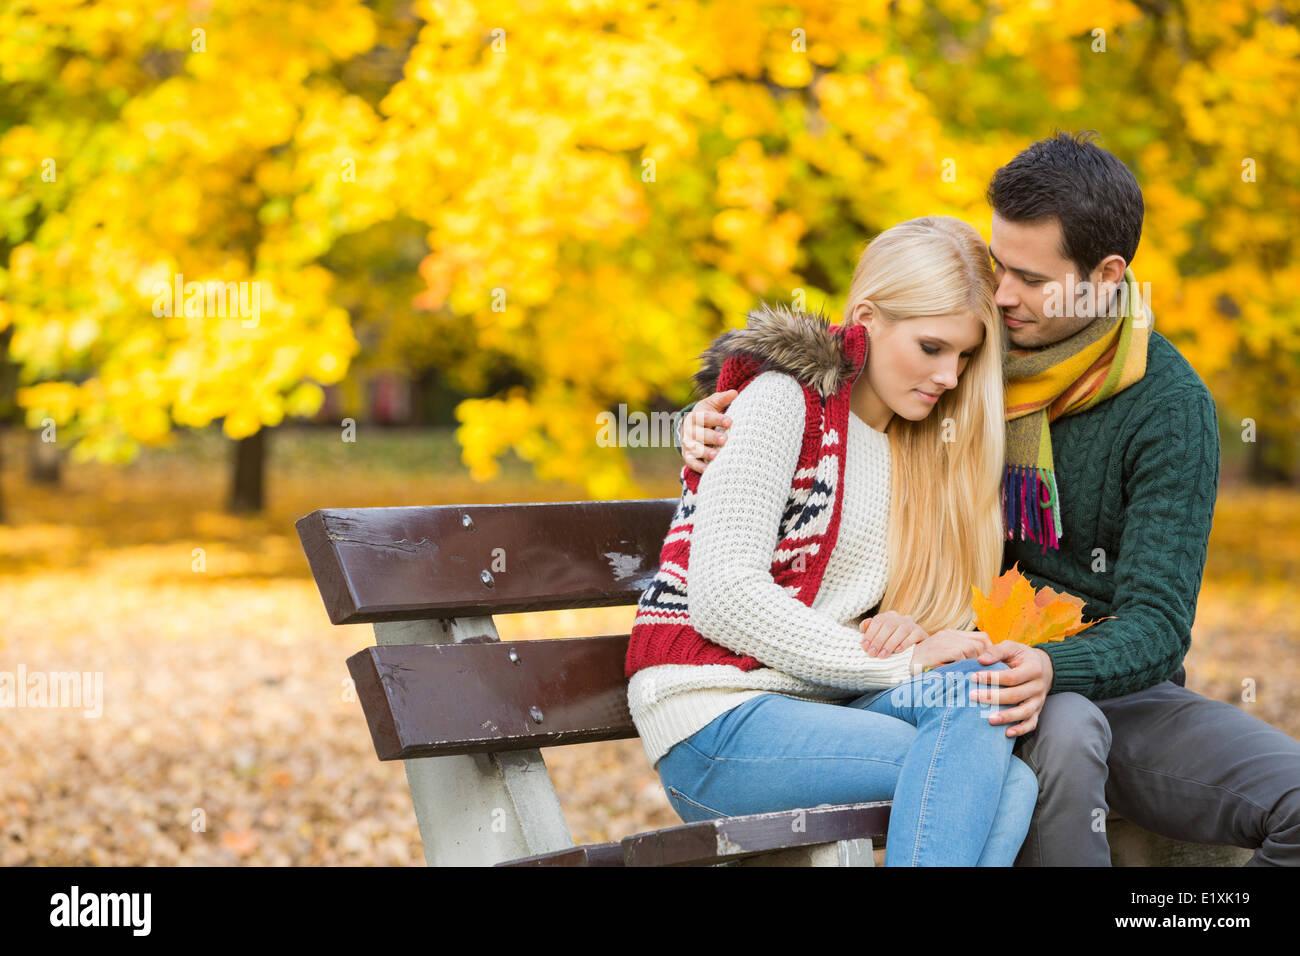 Cariñoso abrazo tímido mujer joven en un banco del parque durante el otoño Imagen De Stock